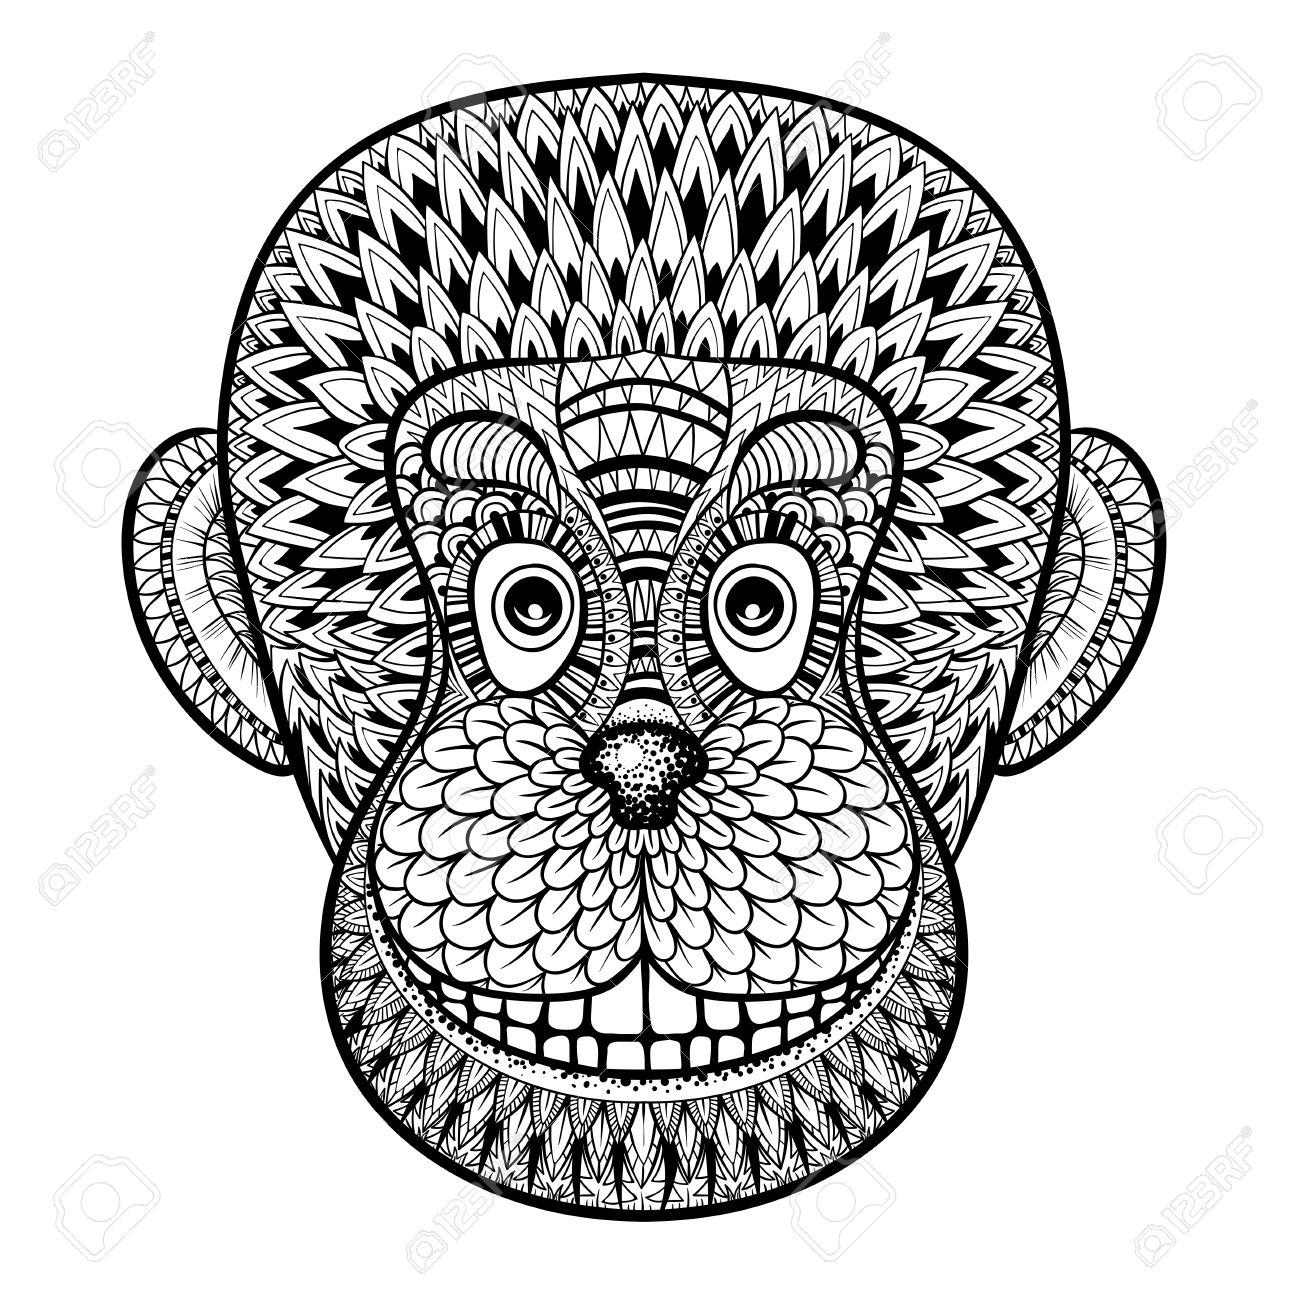 Coloriage Adulte Singe.Coloriage Avec Tete De Singe Gorille Illustration Zentangle Pour